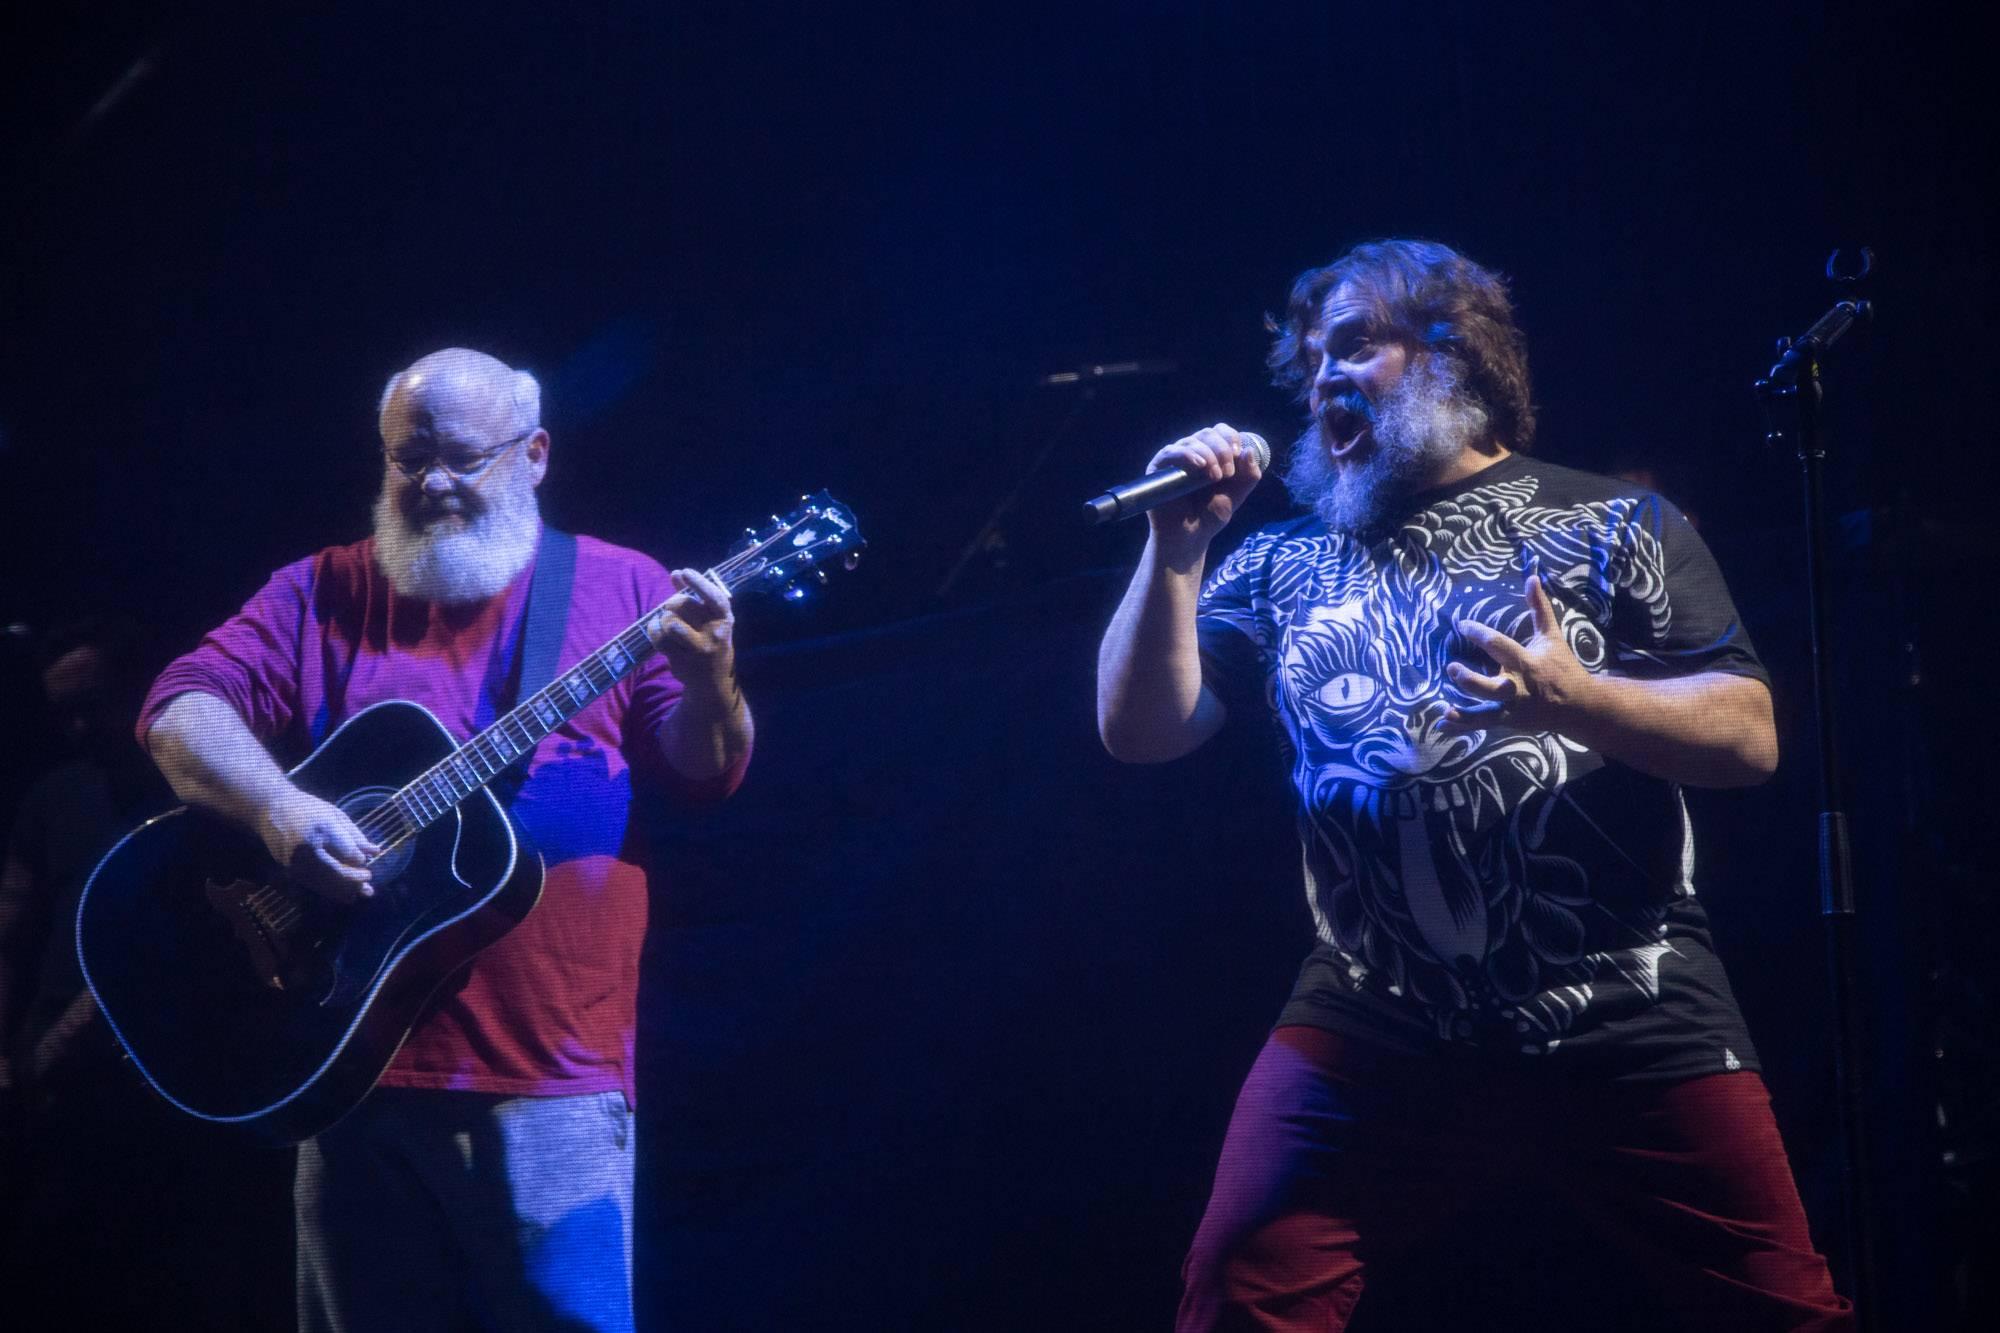 Tenacious D at the Queen Elizabeth Theatre, Vancouver, Dec 13 2018. Kirk Chantraine photo.